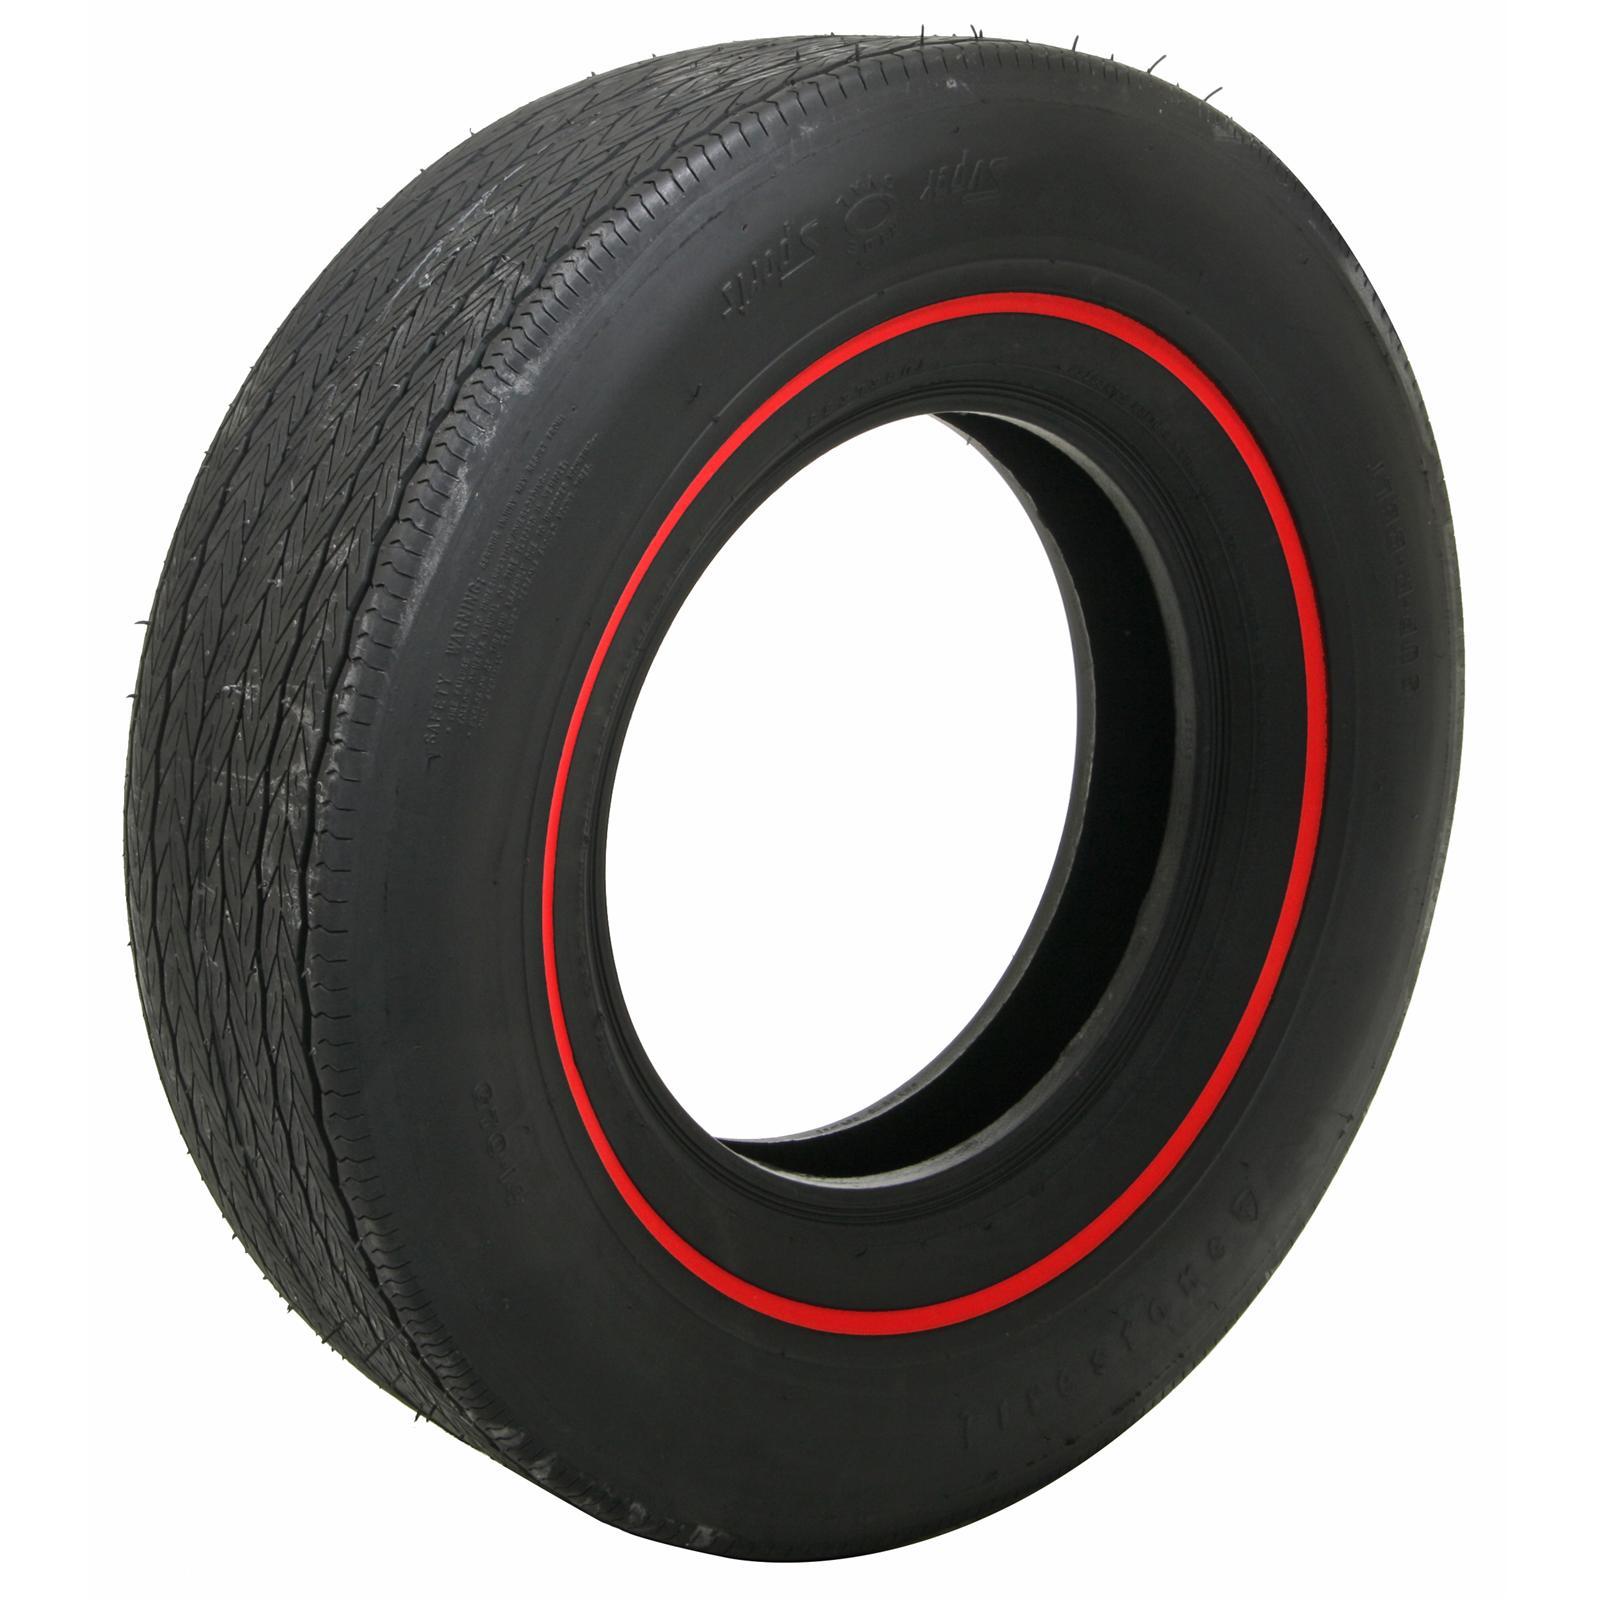 Coker Firestone Wide Oval Tire G70 14 Bias ply Redline Each